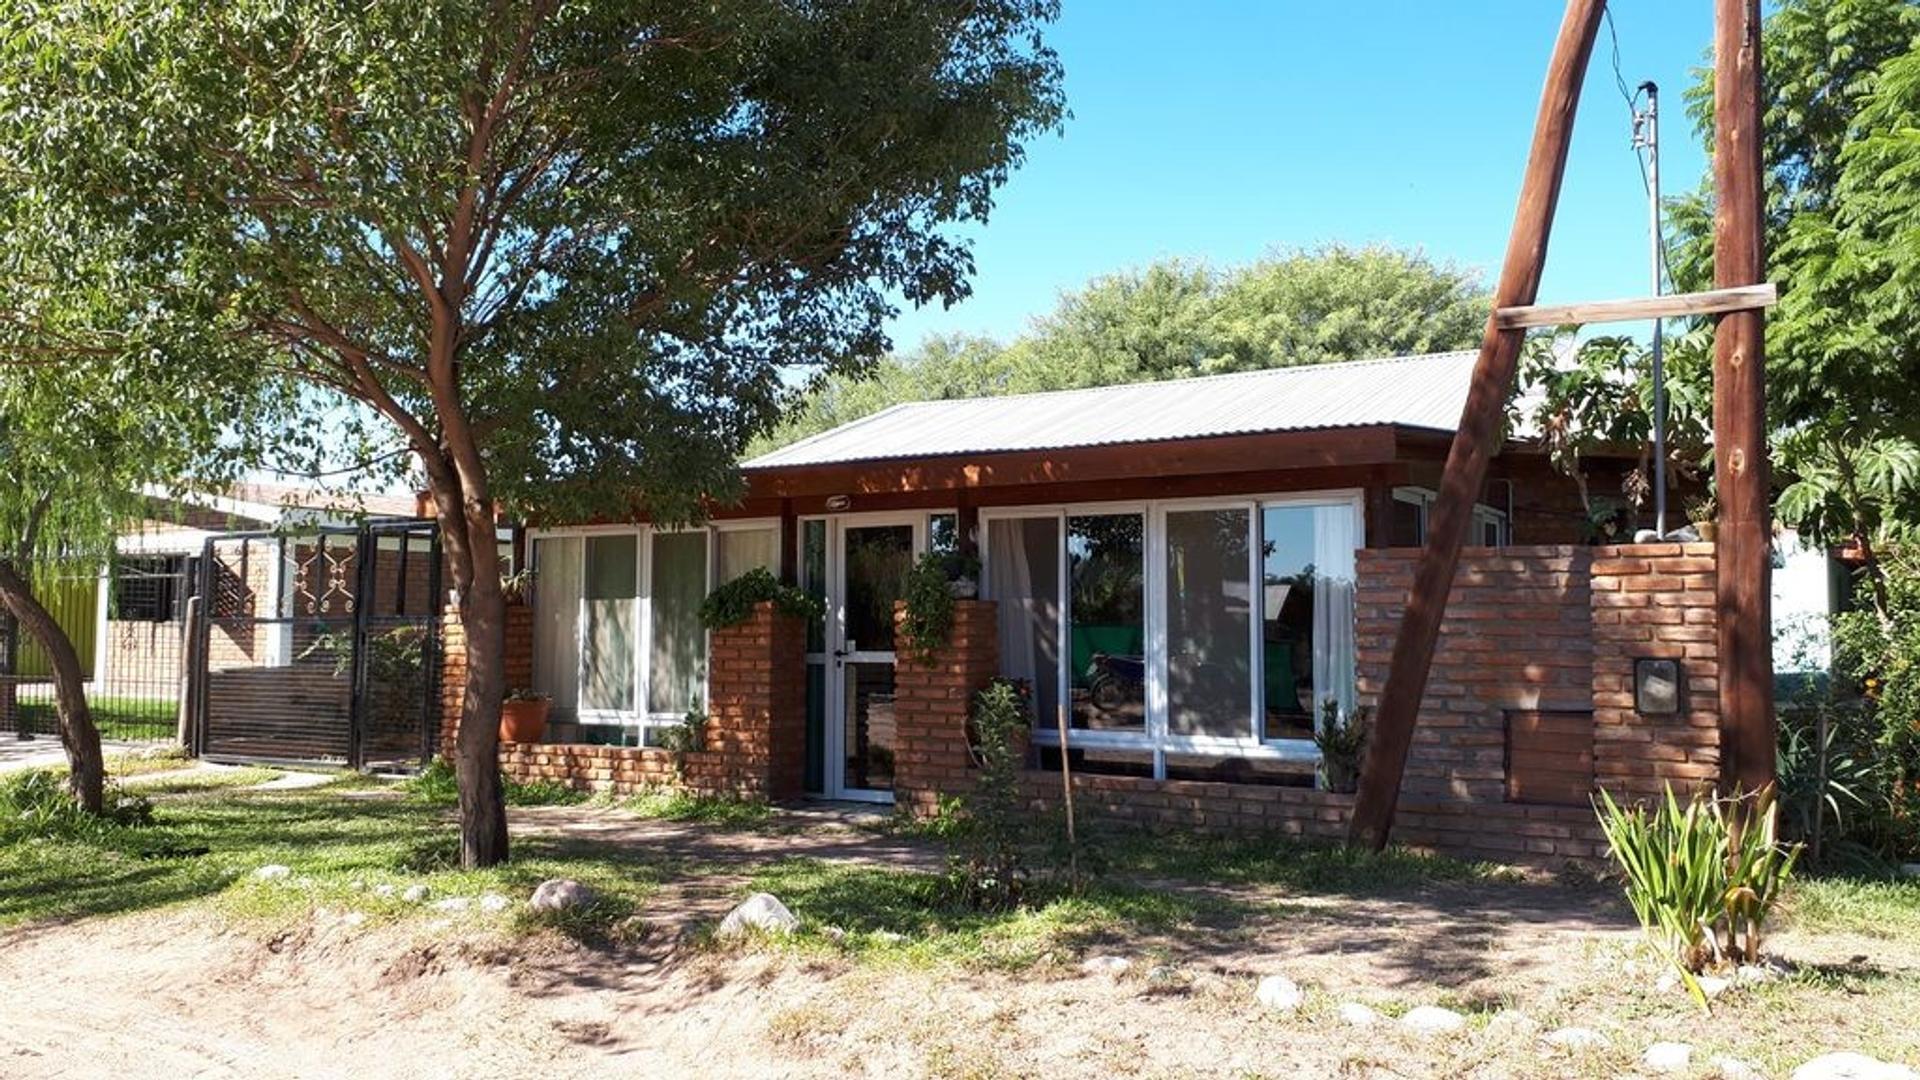 Casa En Venta En Centro De San Marcos Sierras En La Esquina Entre Calle Córdoba Y El Jilguero San Marcos Sierra Buscainmueble